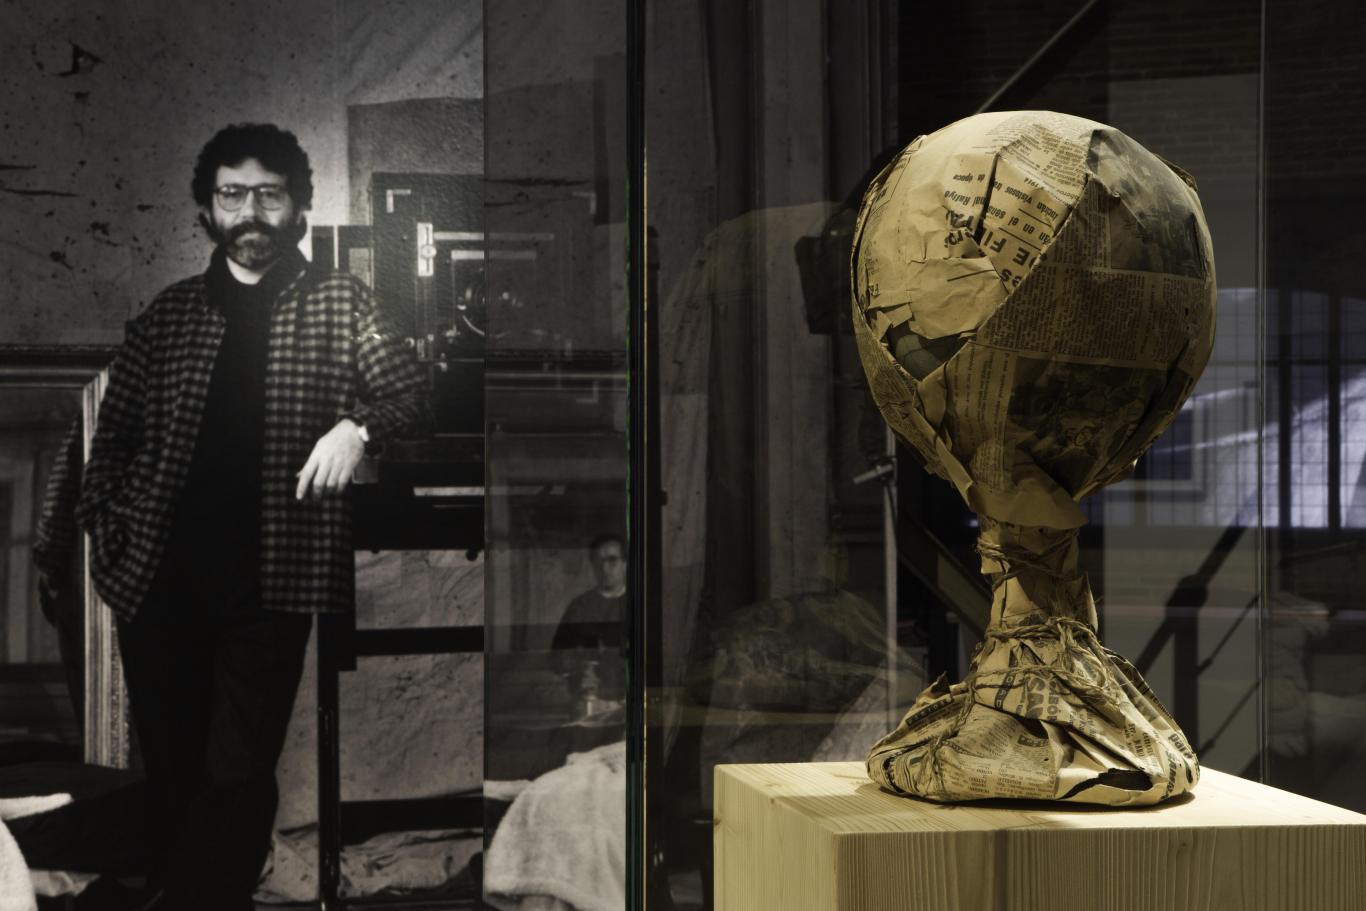 Bola del mundo envuelta en papel de periódico sobre una vitrina. Al fondo, imagen del fotógrafo Toni Catany en su estudio con su cámara de fotos